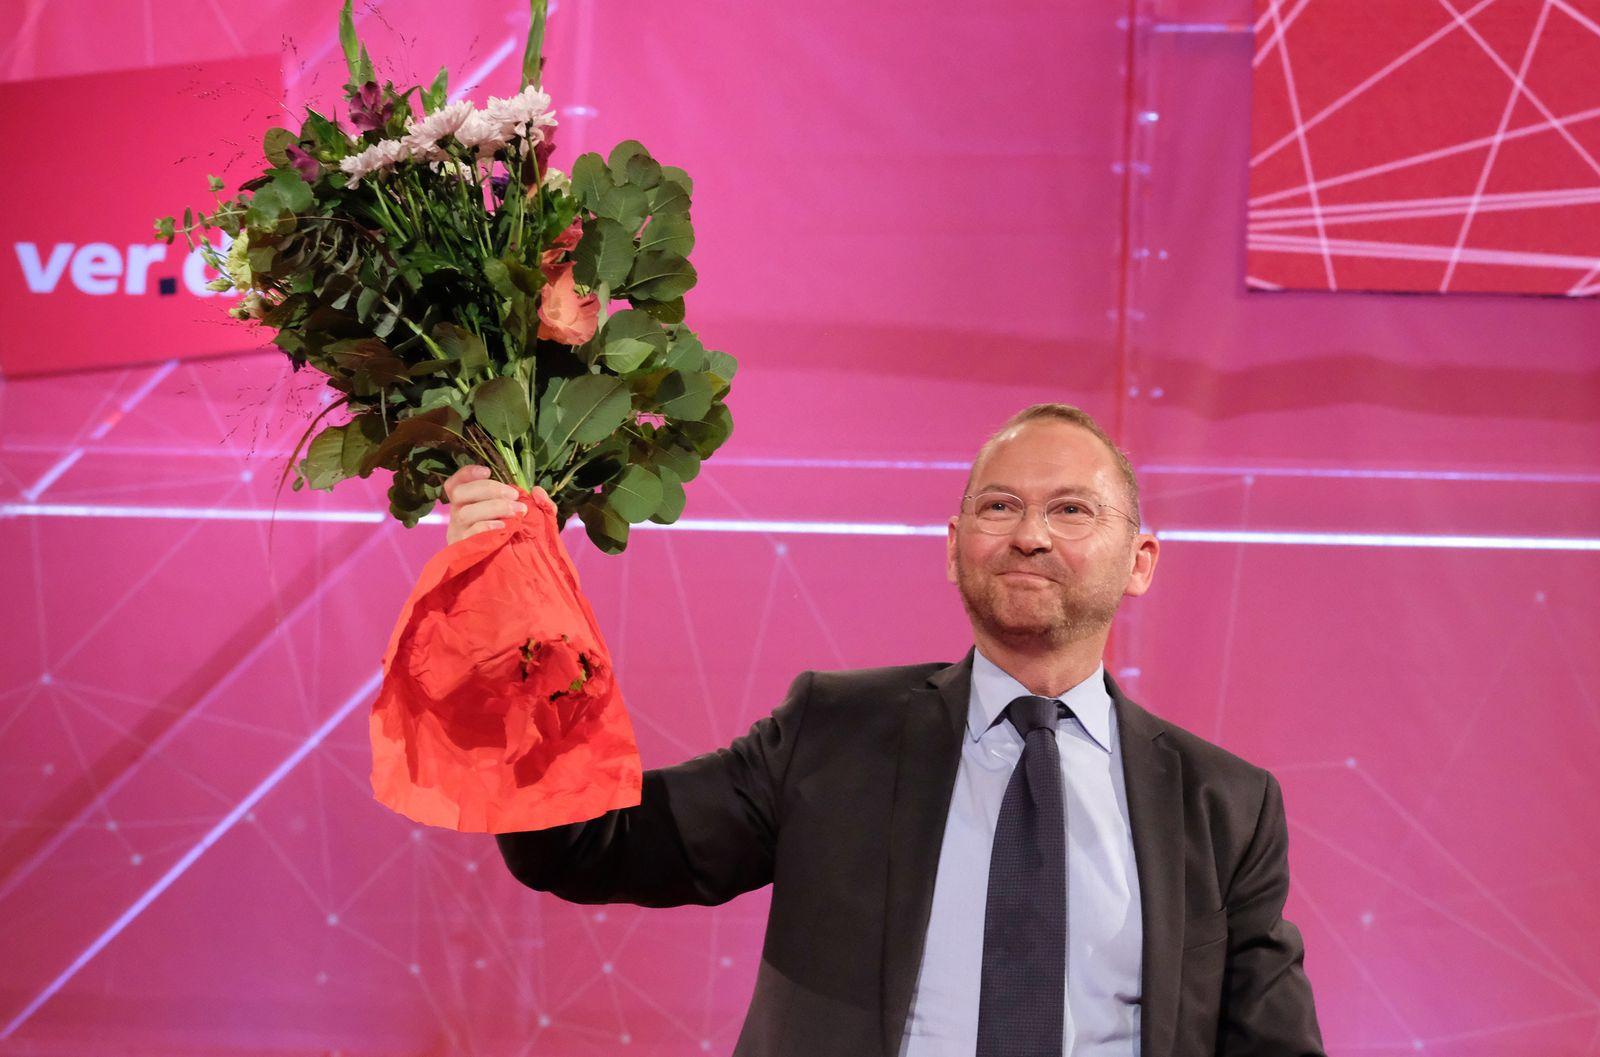 Verdi-Bundeskongress